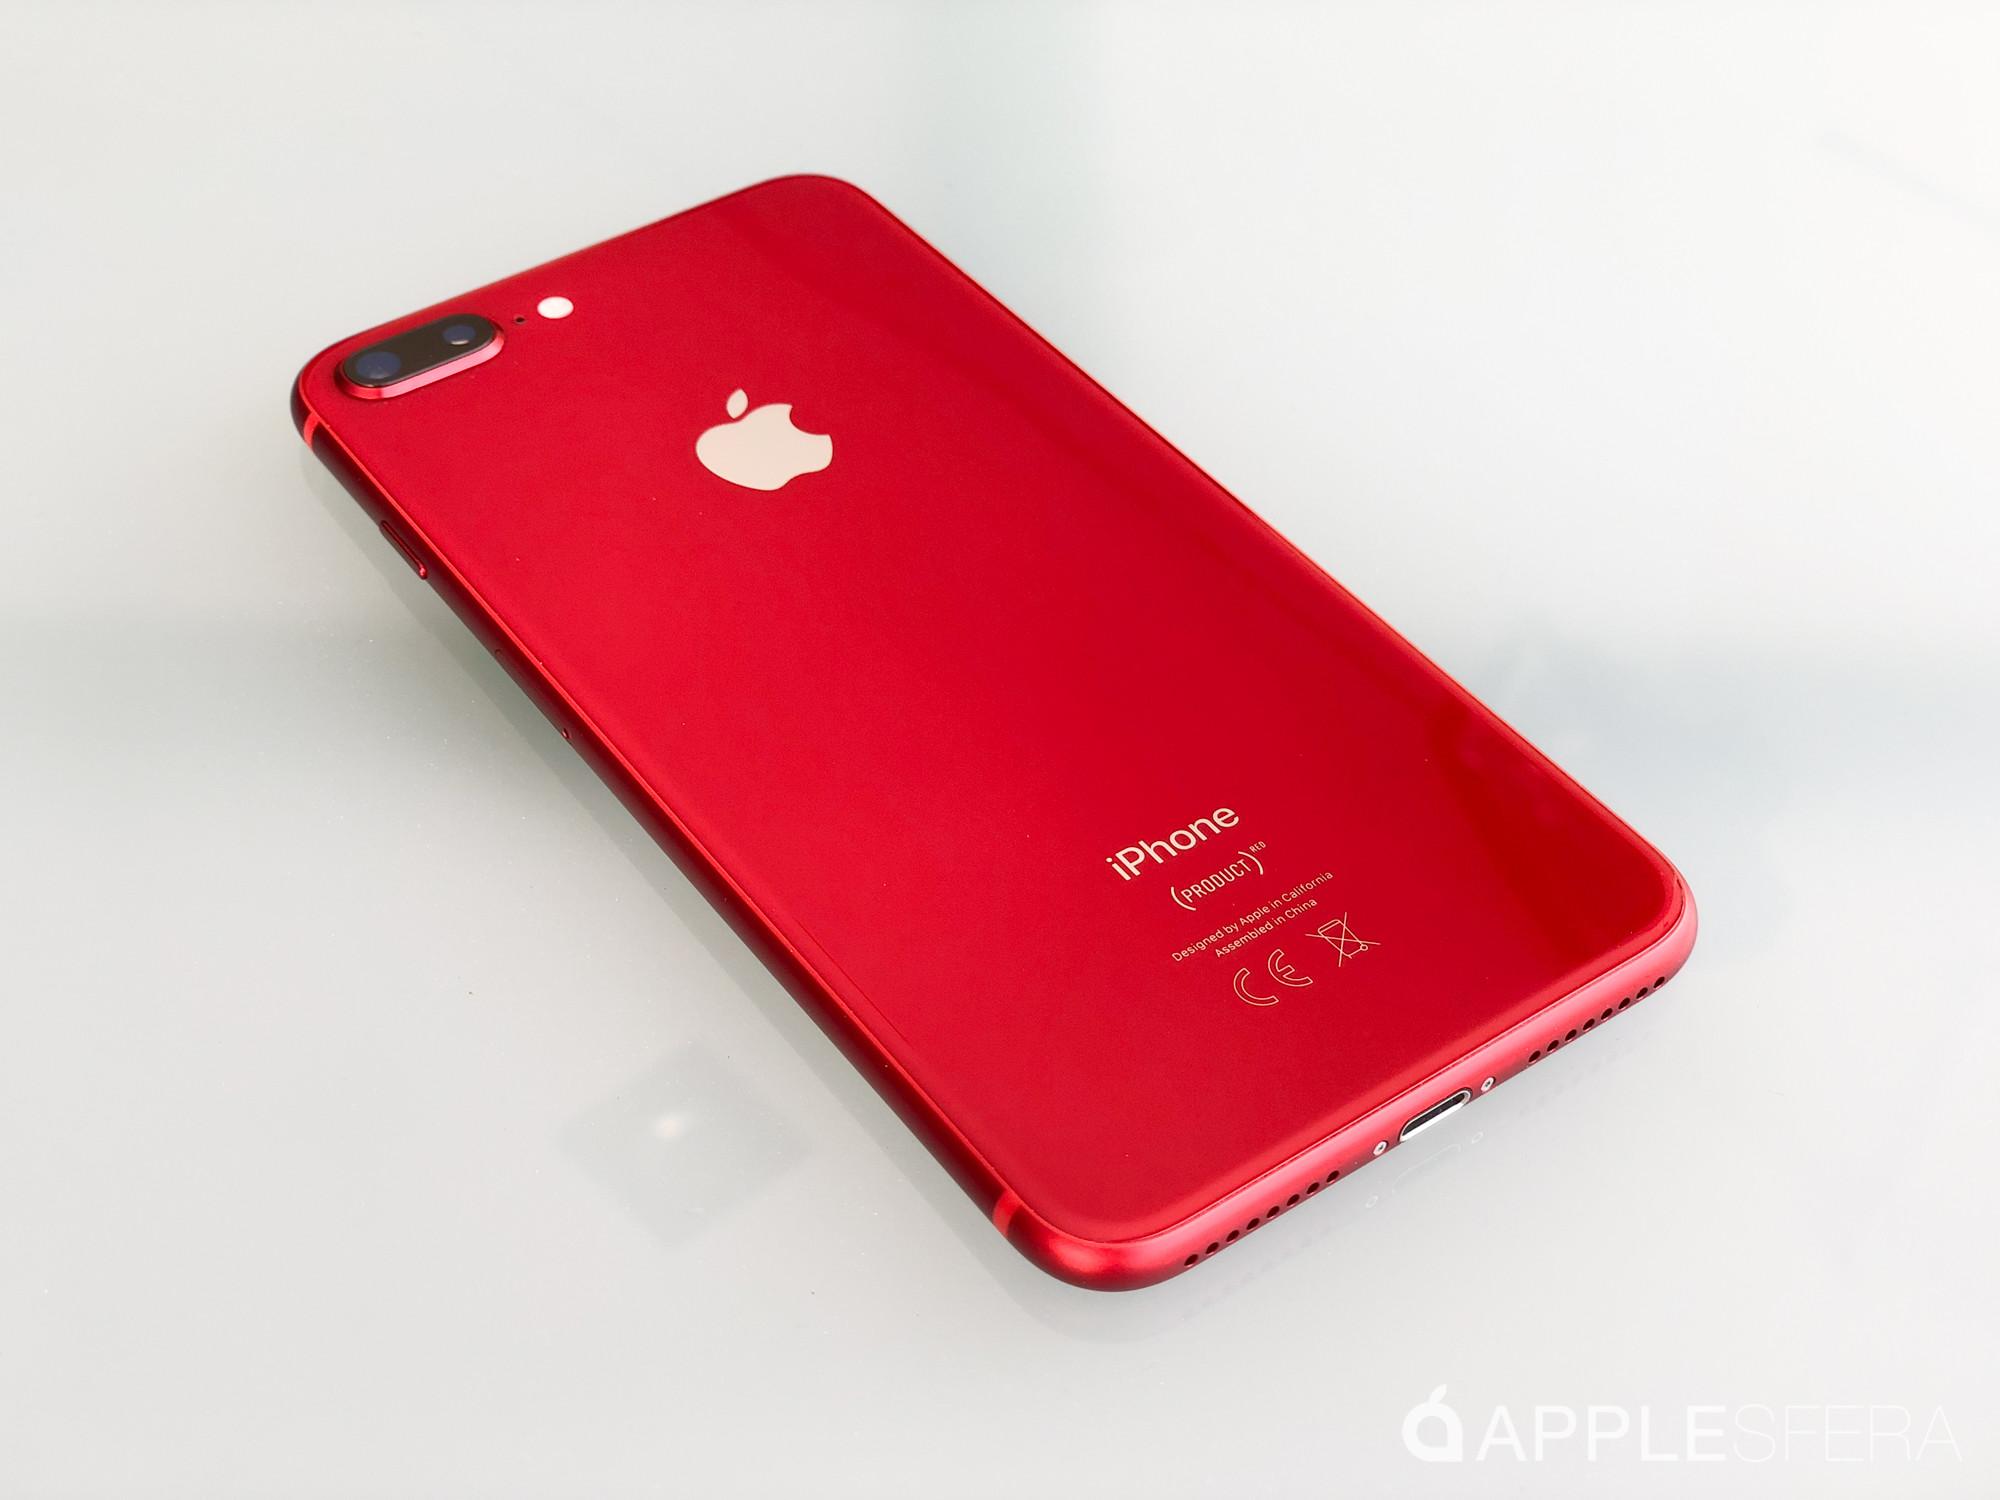 iPhone 8 Plus (RED)